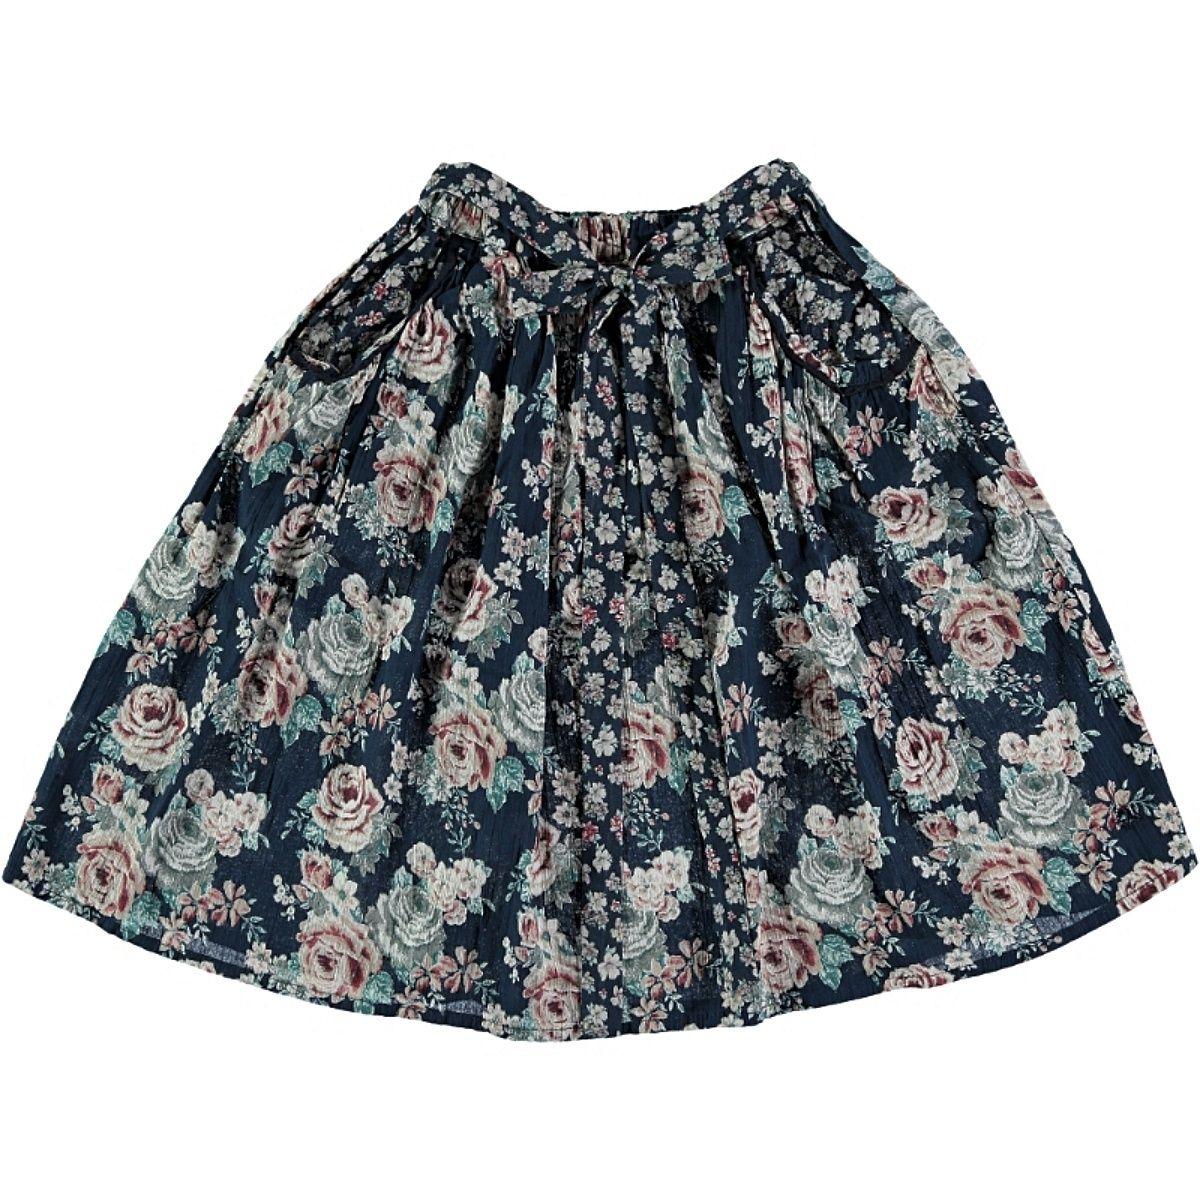 Spódnica Flowers Midi czarna - Tocoto Vintage